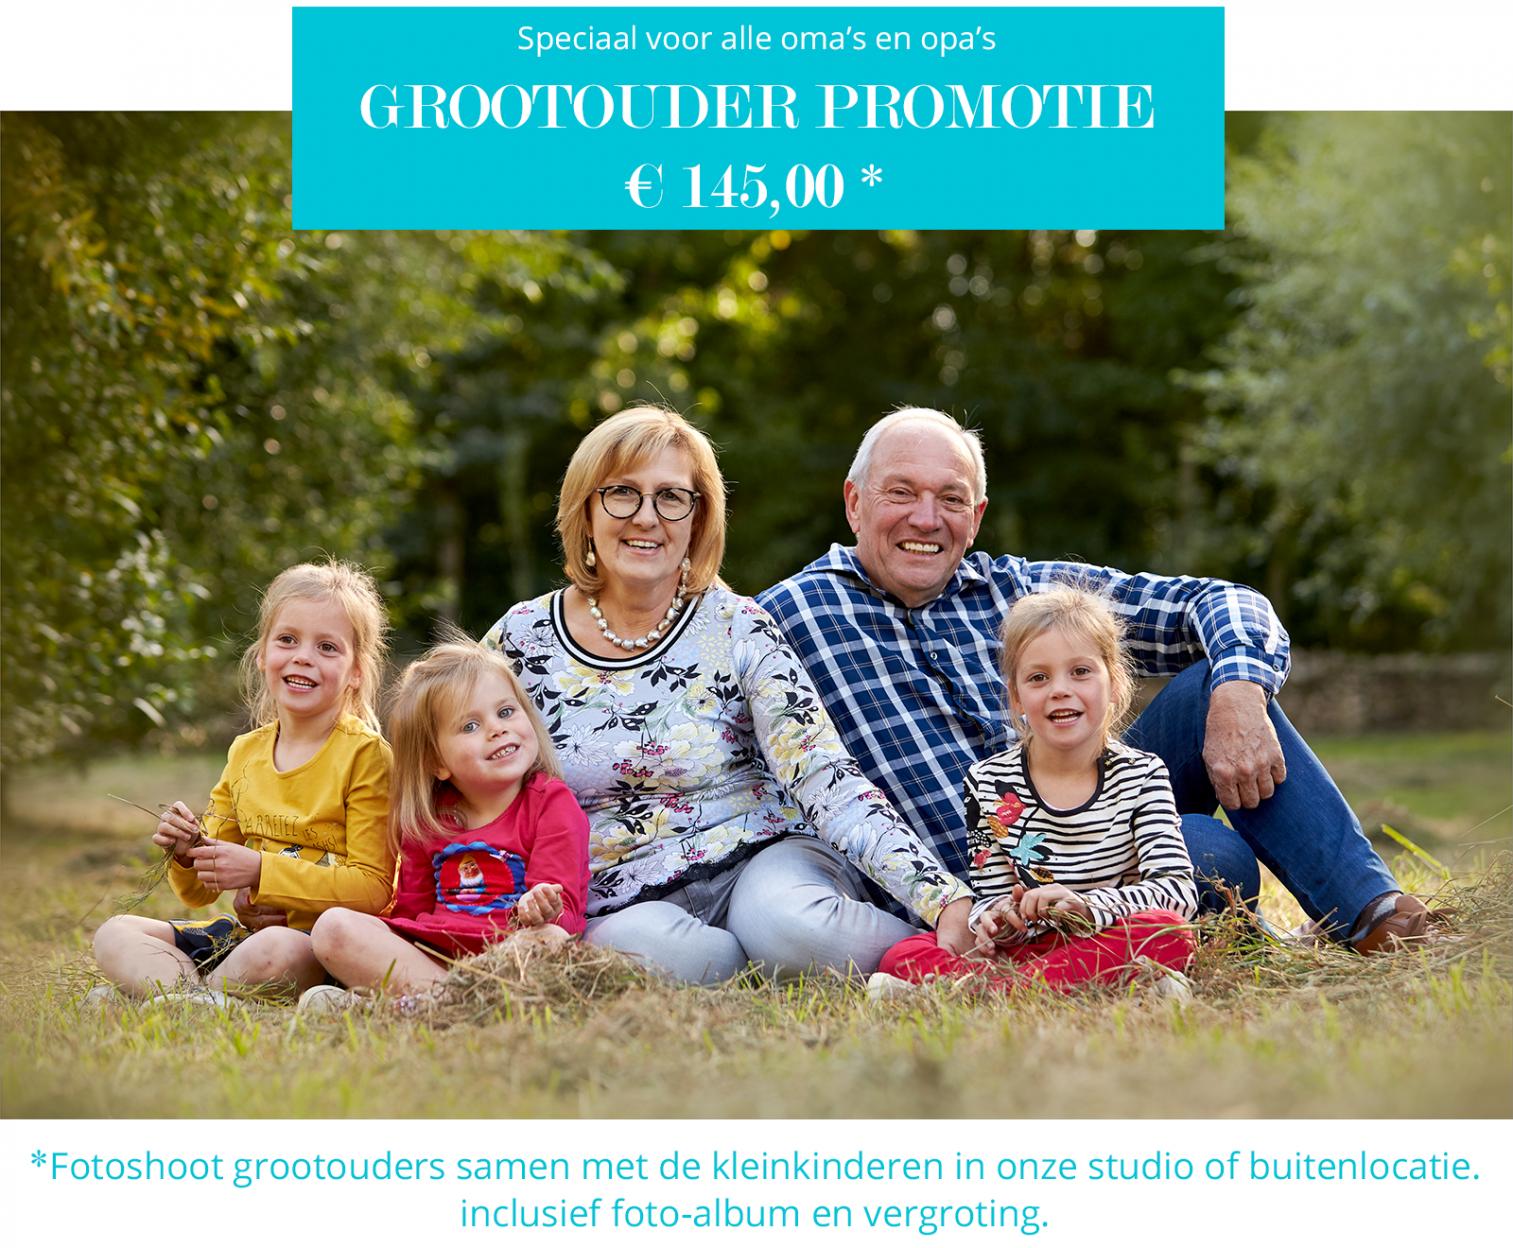 Grootouder & kleinkinder promotie